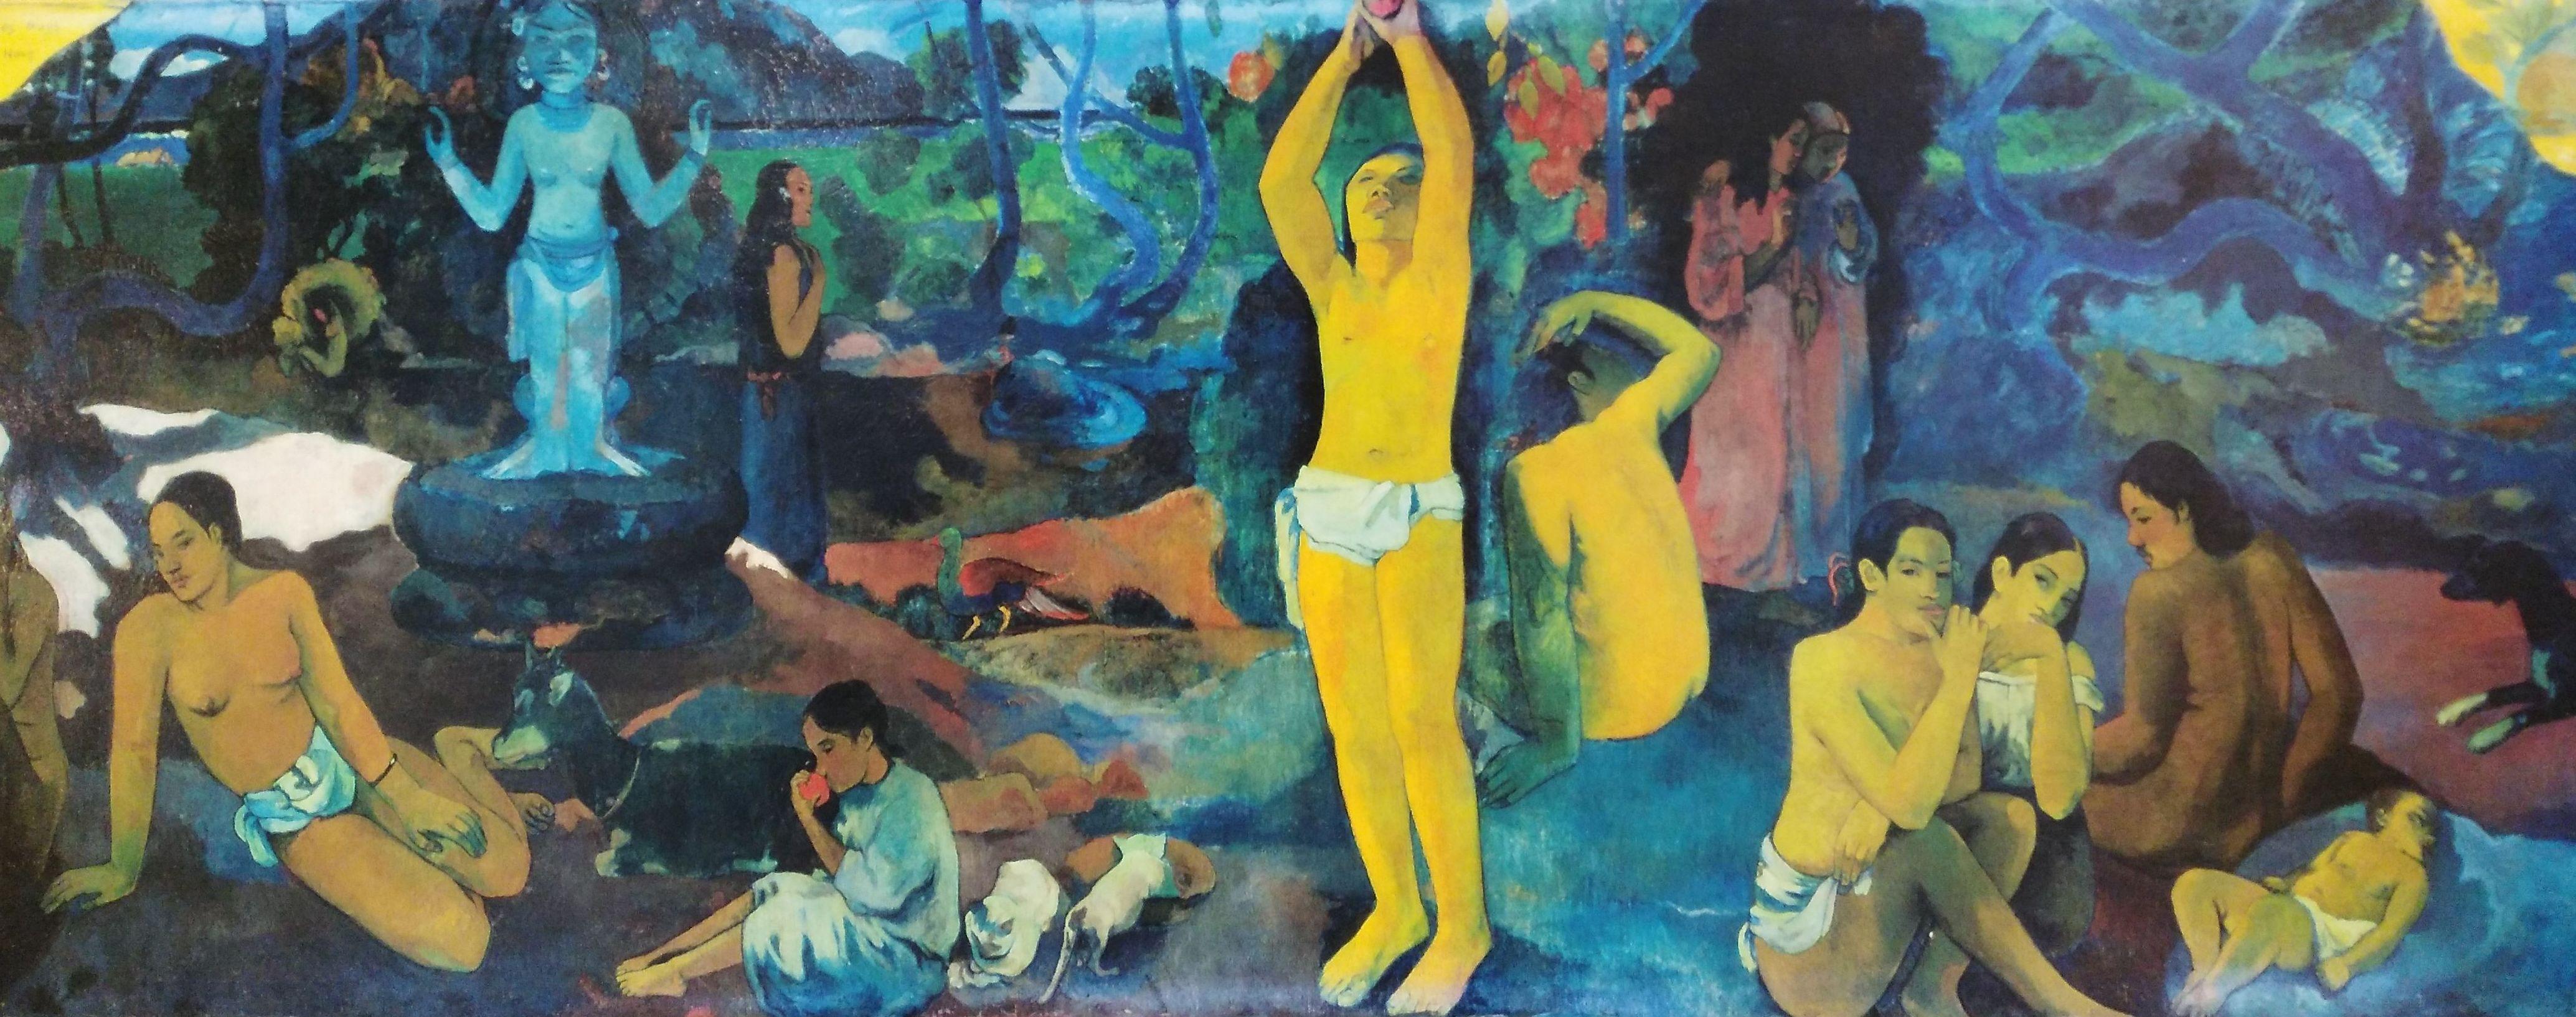 Rapa Nui de Paul Gauguin: CATALOGO de Quadrocomio La Casa de los Cuadros desde 1968